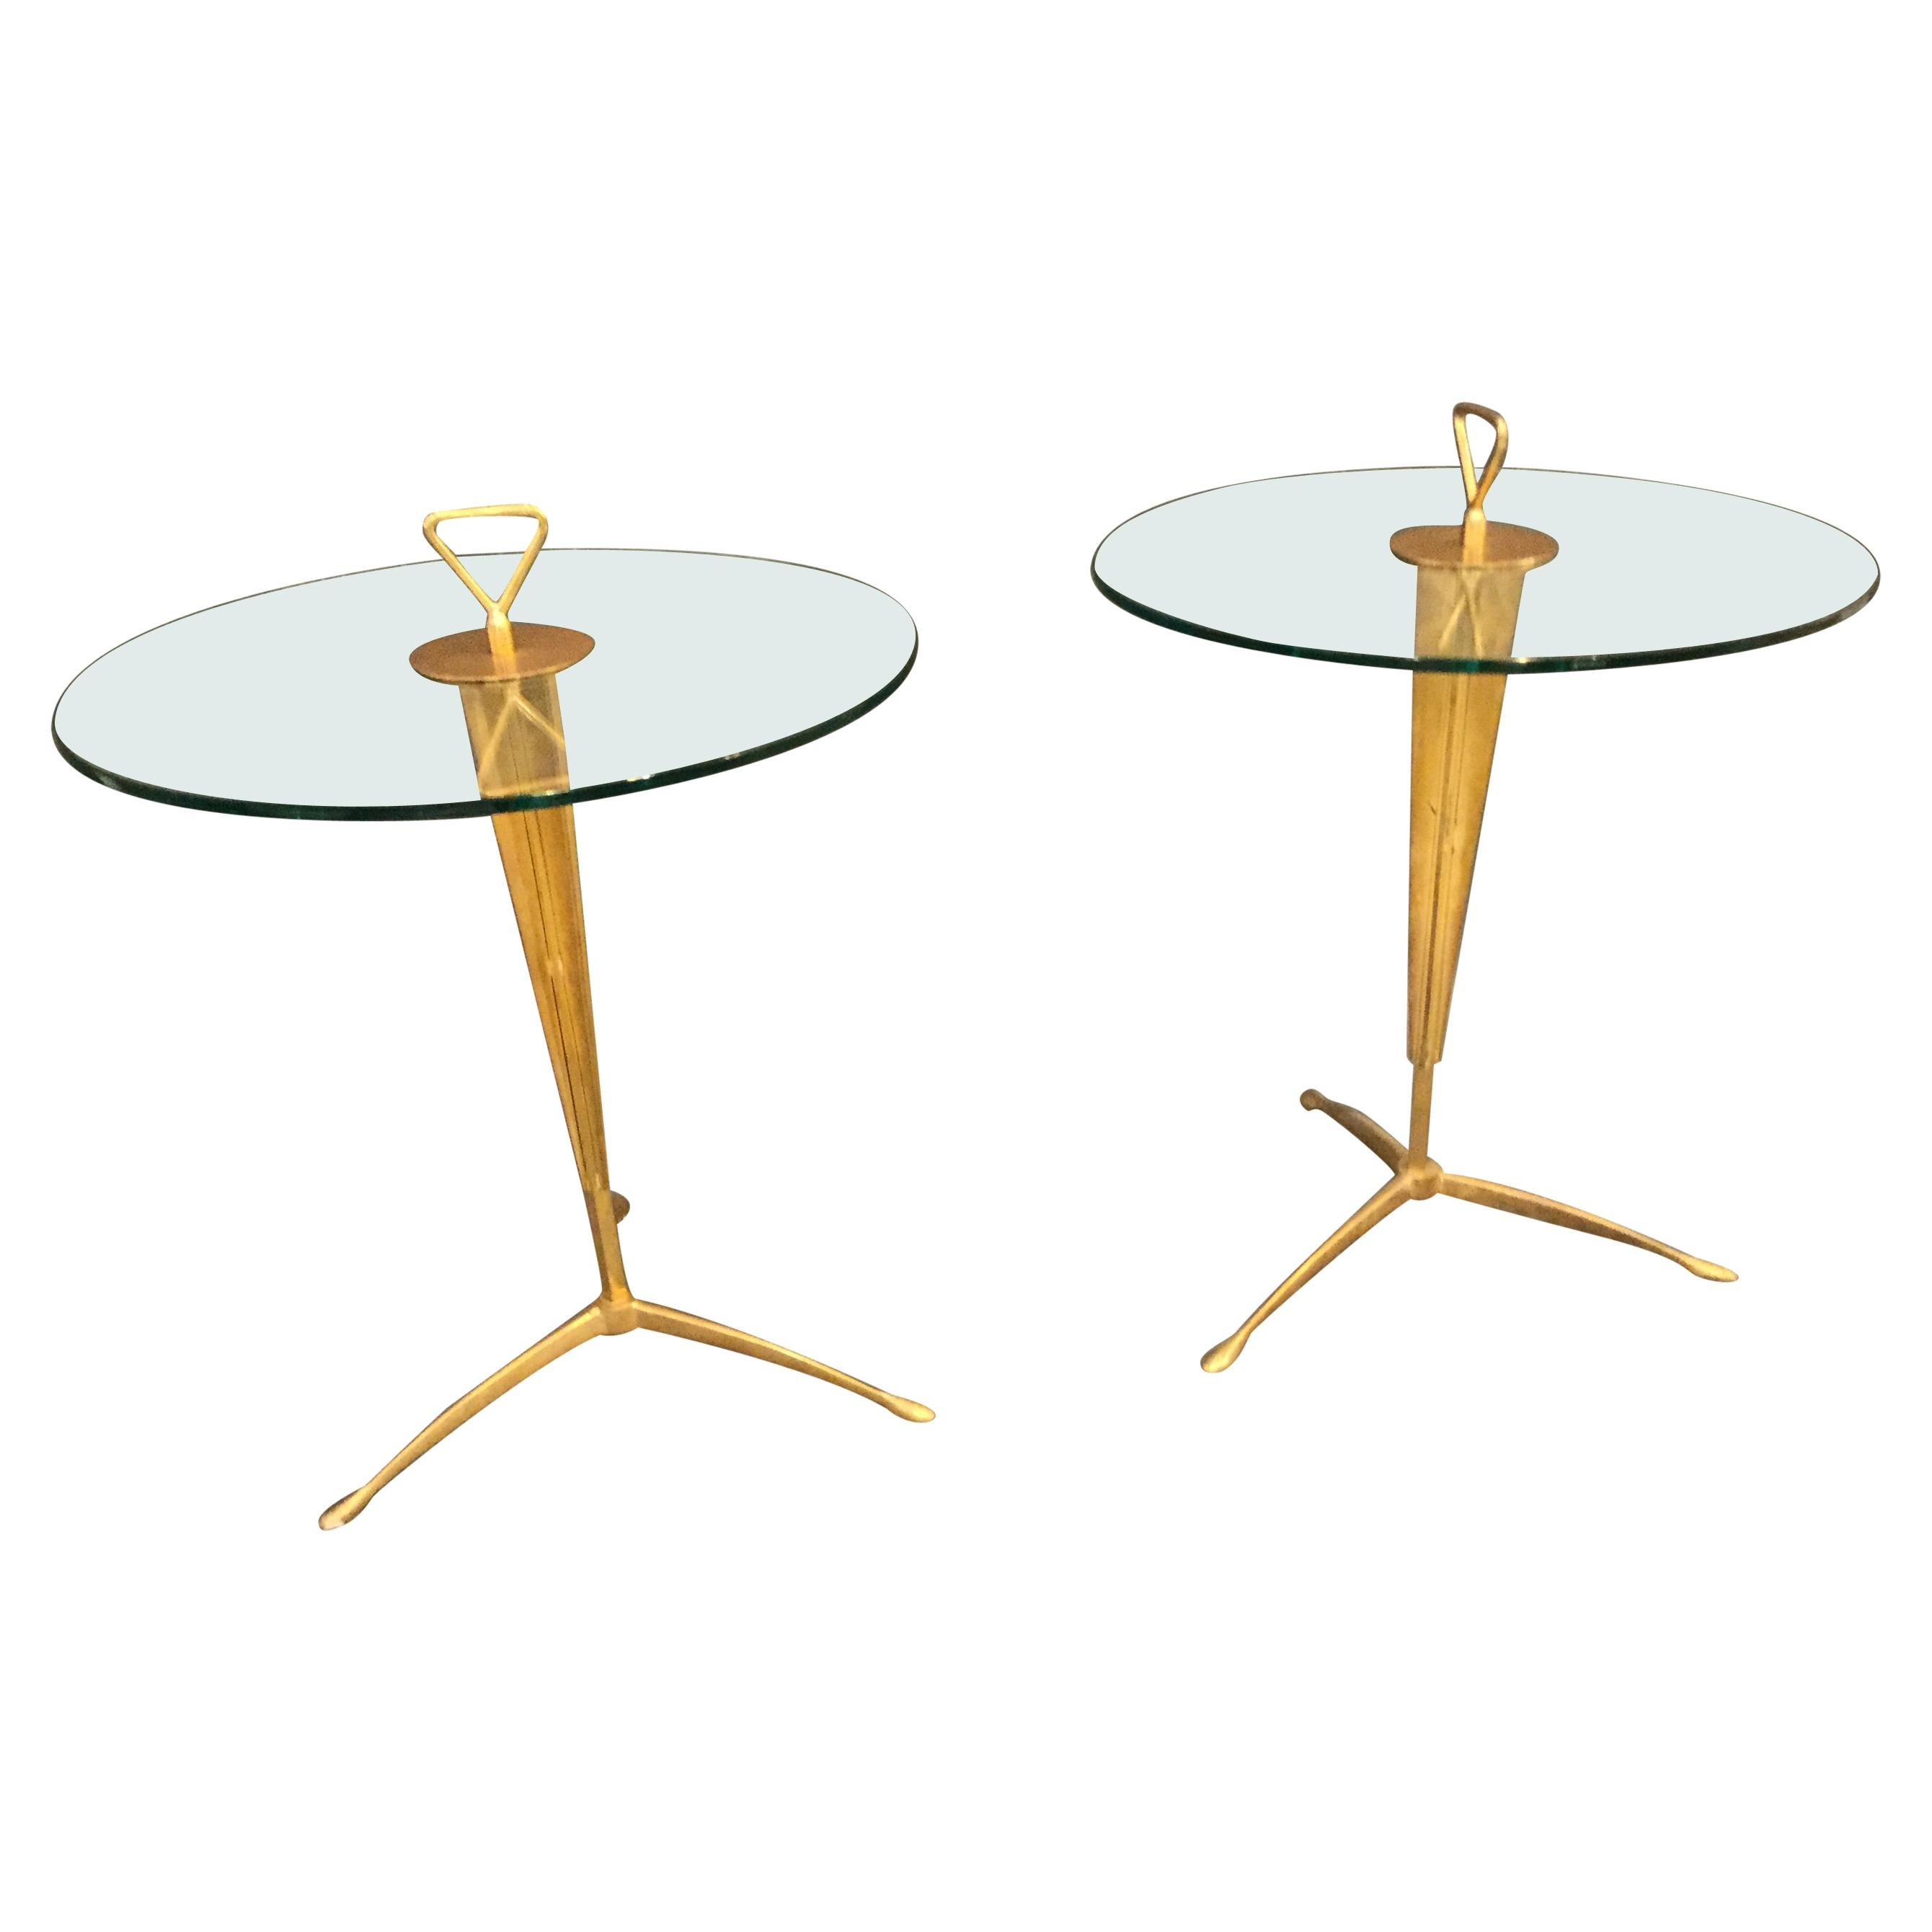 Pair of Italian Gueridon Round Side Table